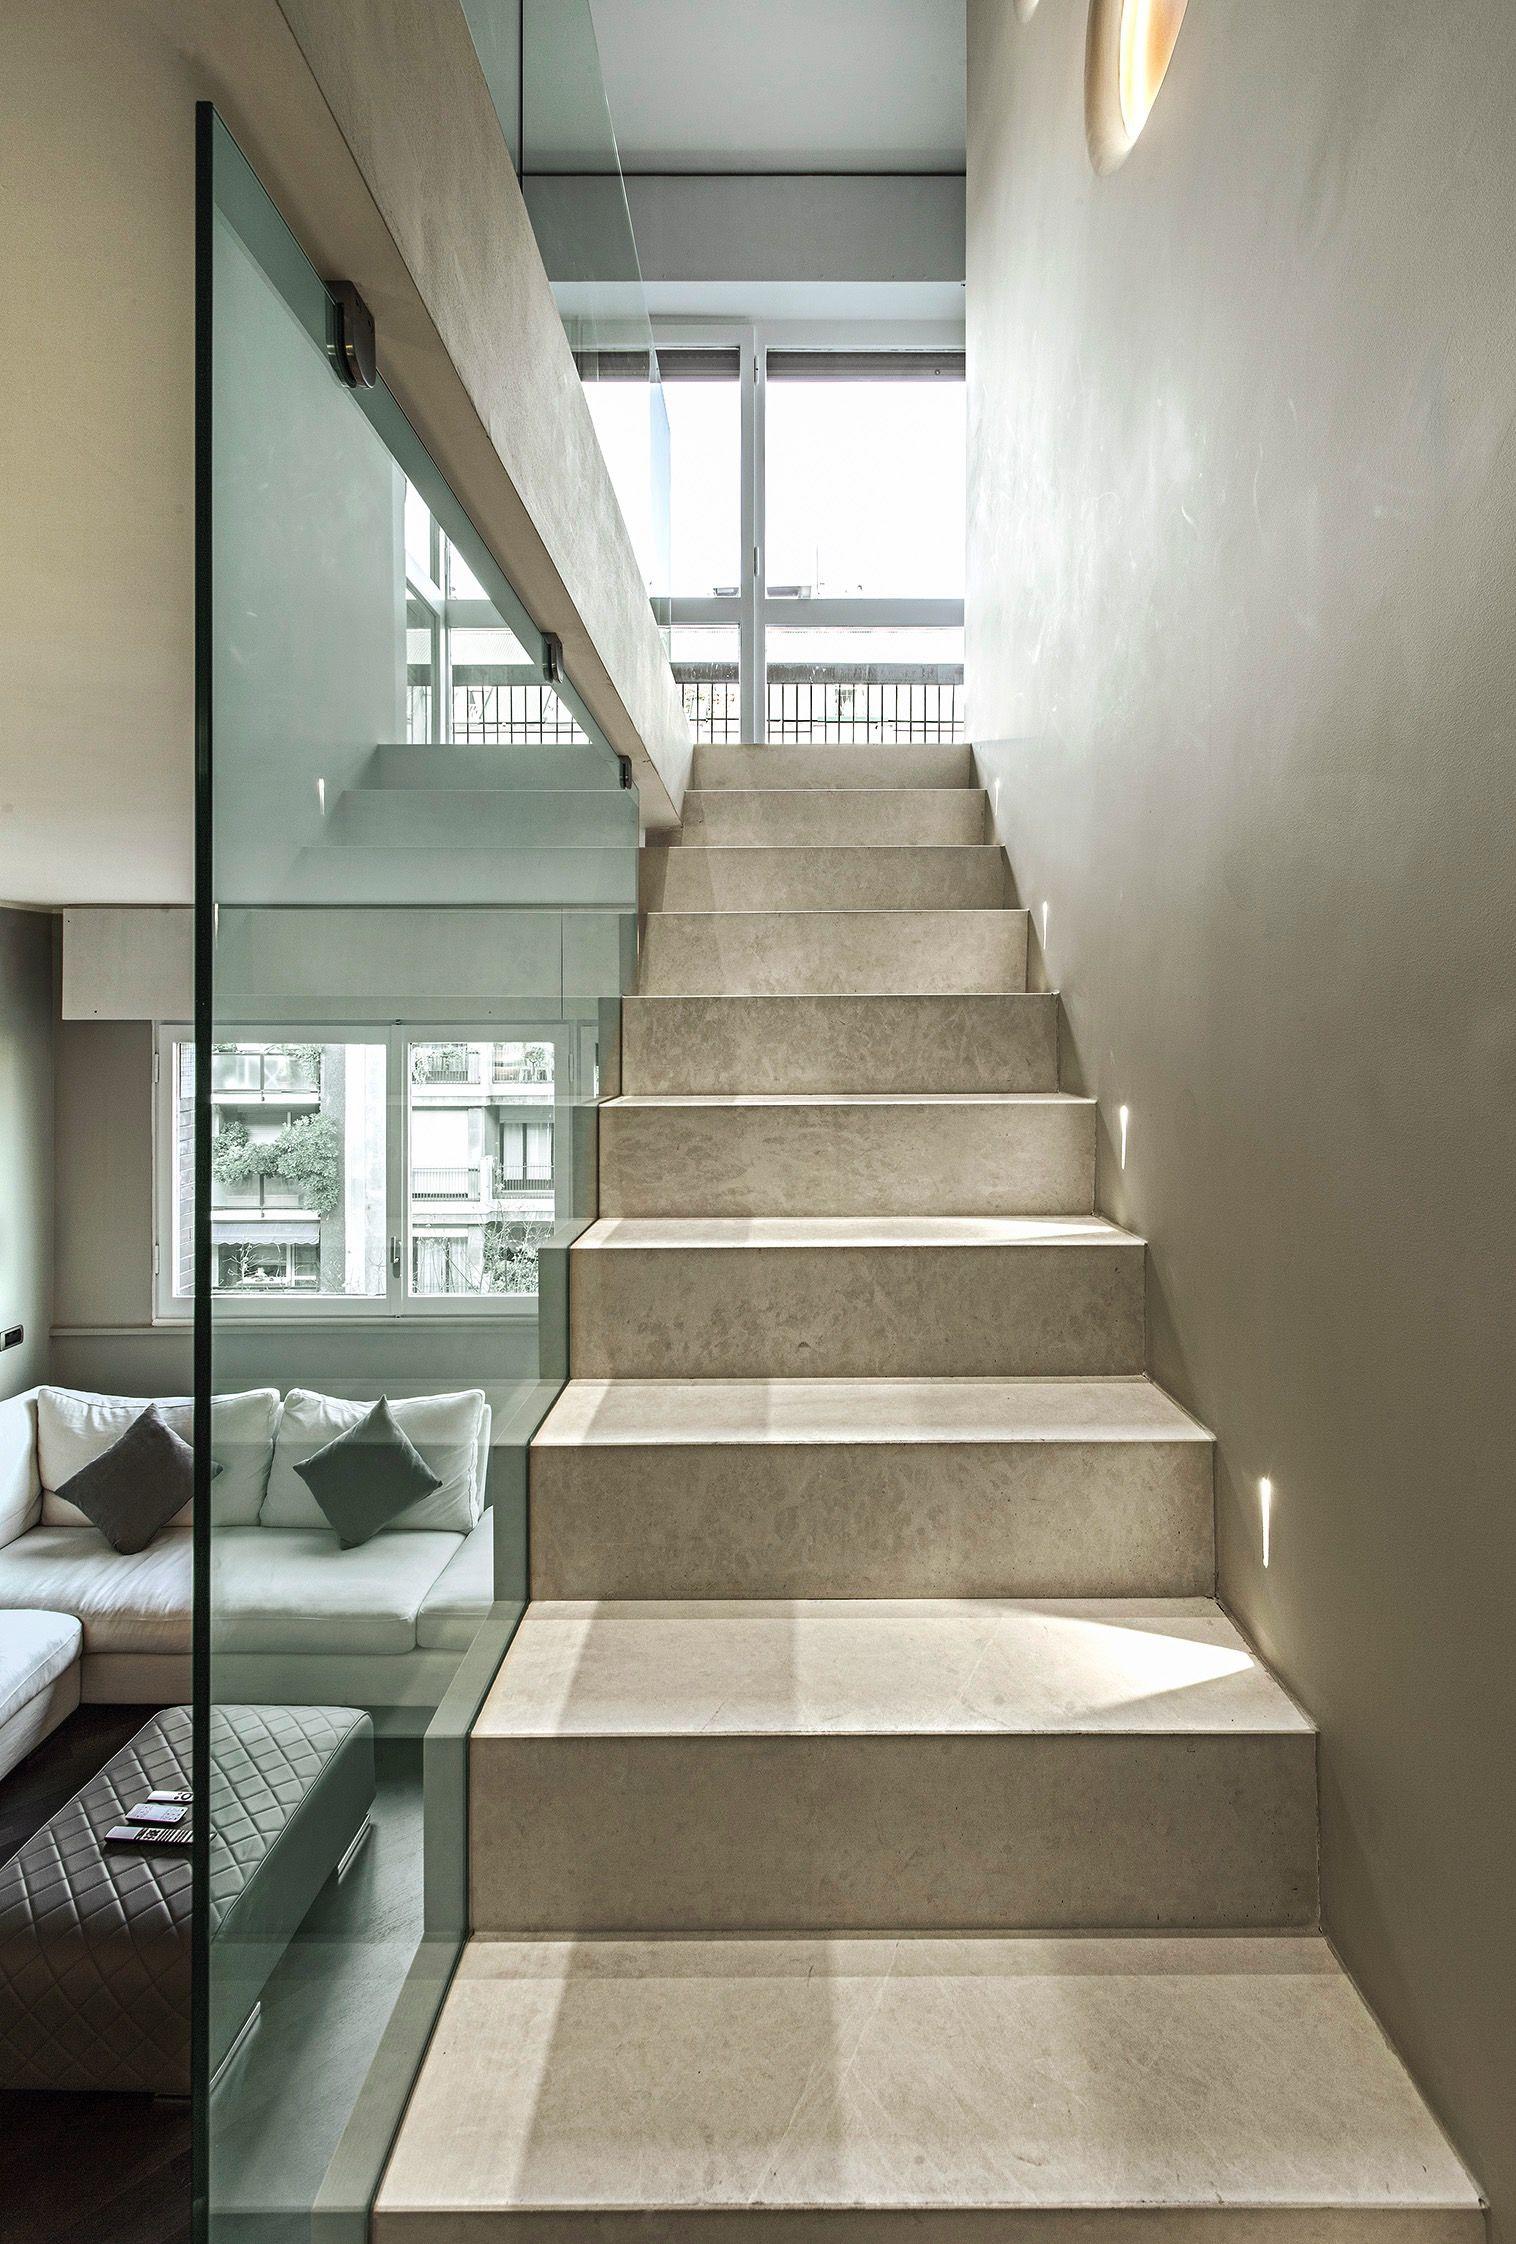 Ristrutturazione di appartamento di 260 mq - Milano, Massimo ...